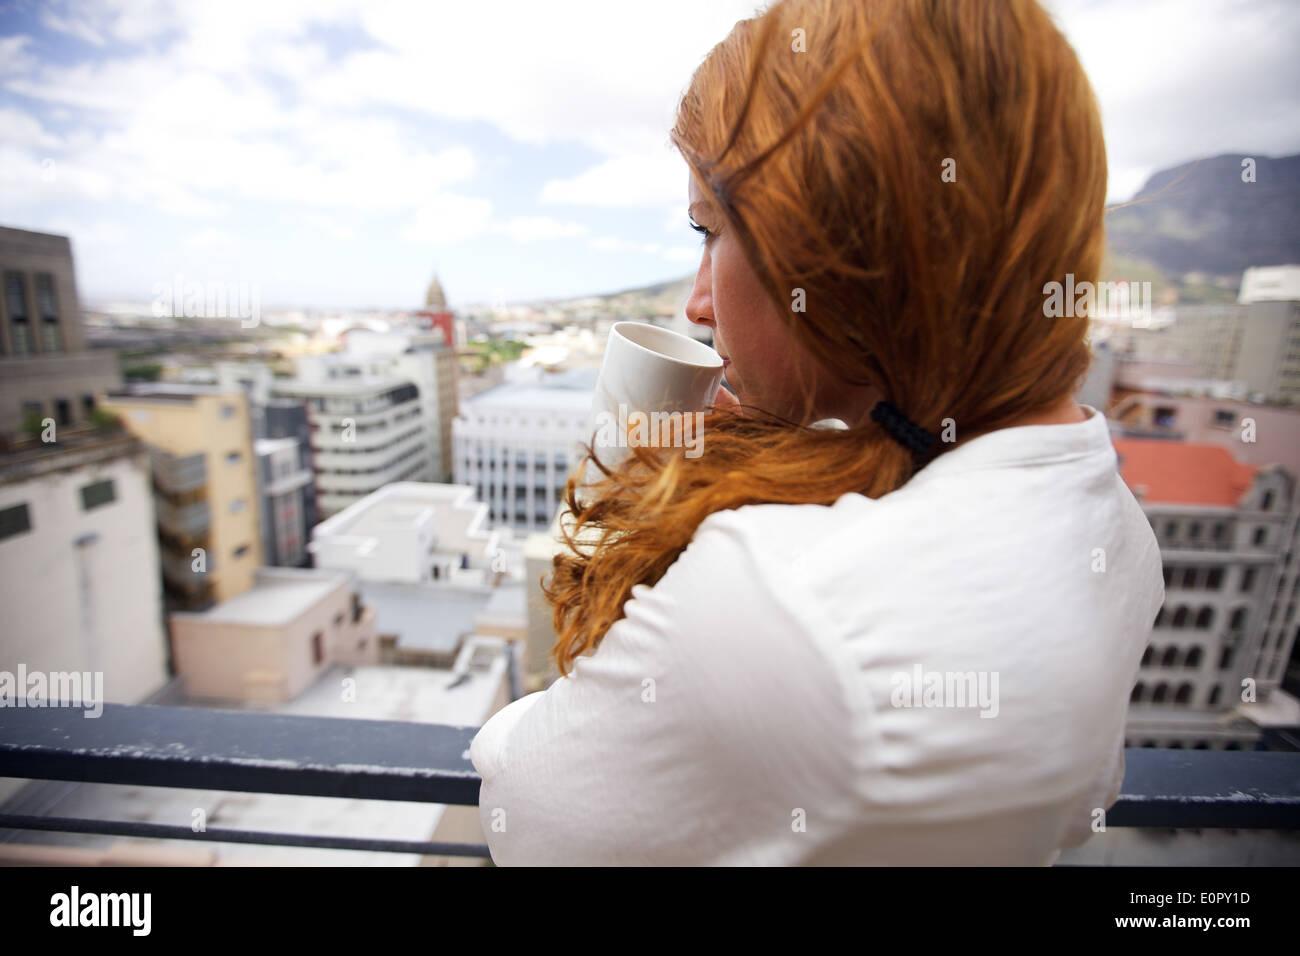 Attraente brunette in piedi su un balcone tenendo una tazza di caffè. Giovane donna che guarda fuori da un balcone mentre si beve il caffè. Immagini Stock